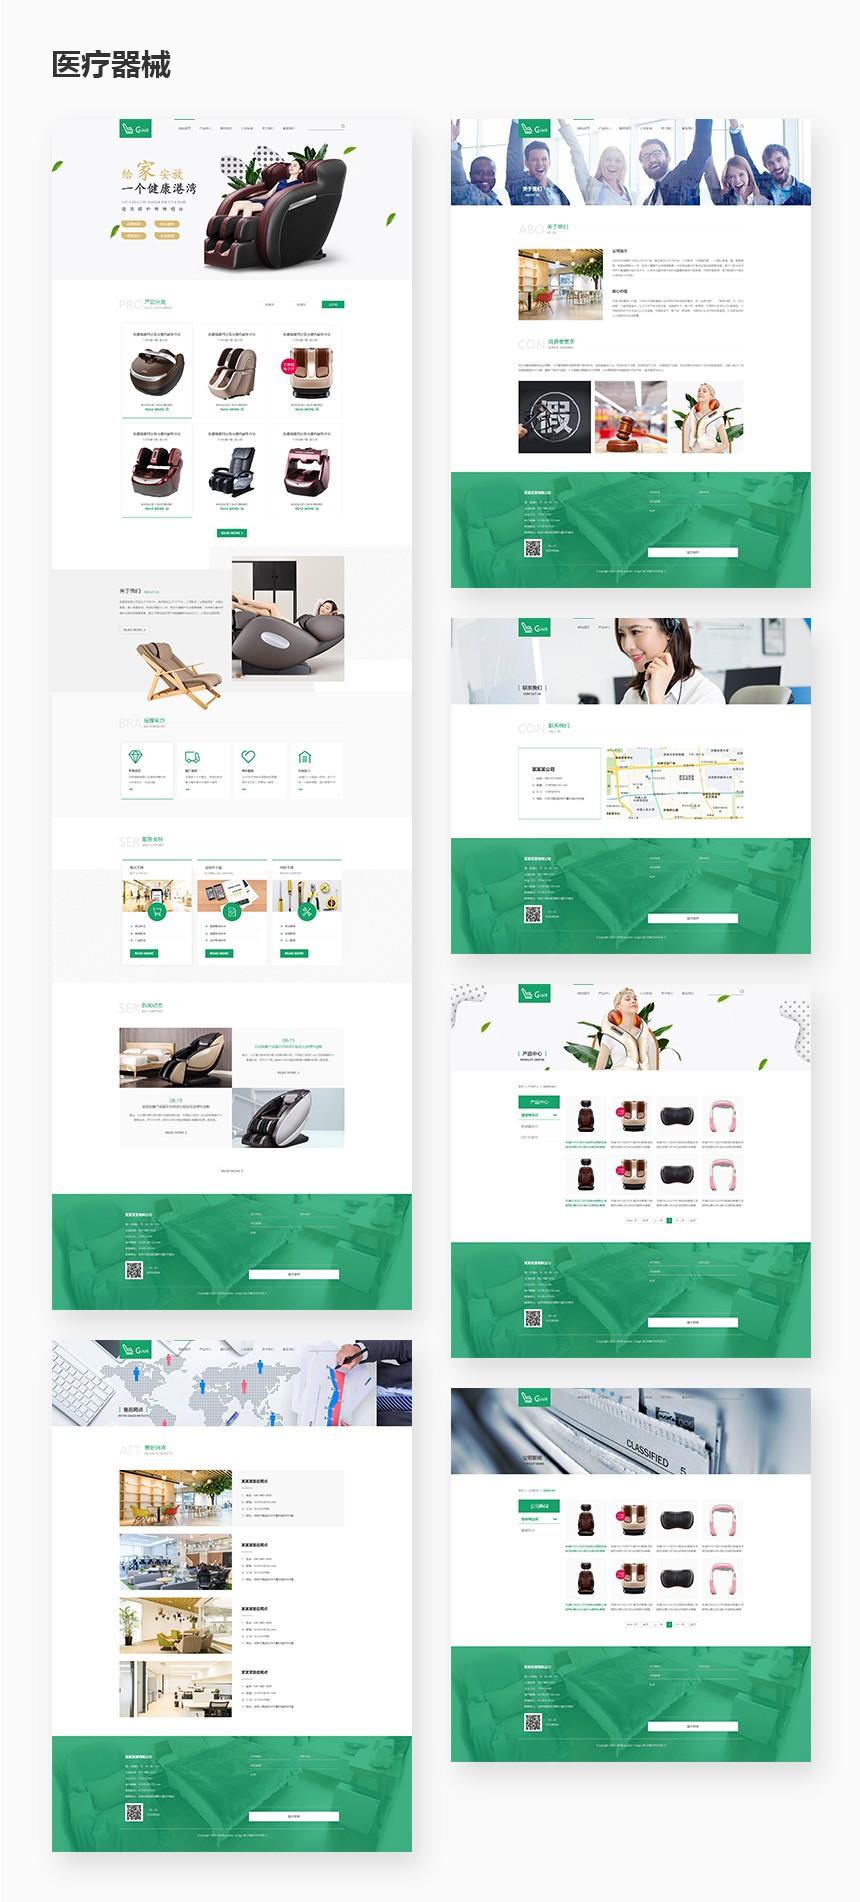 医疗器械公司网站模板样式-绿色